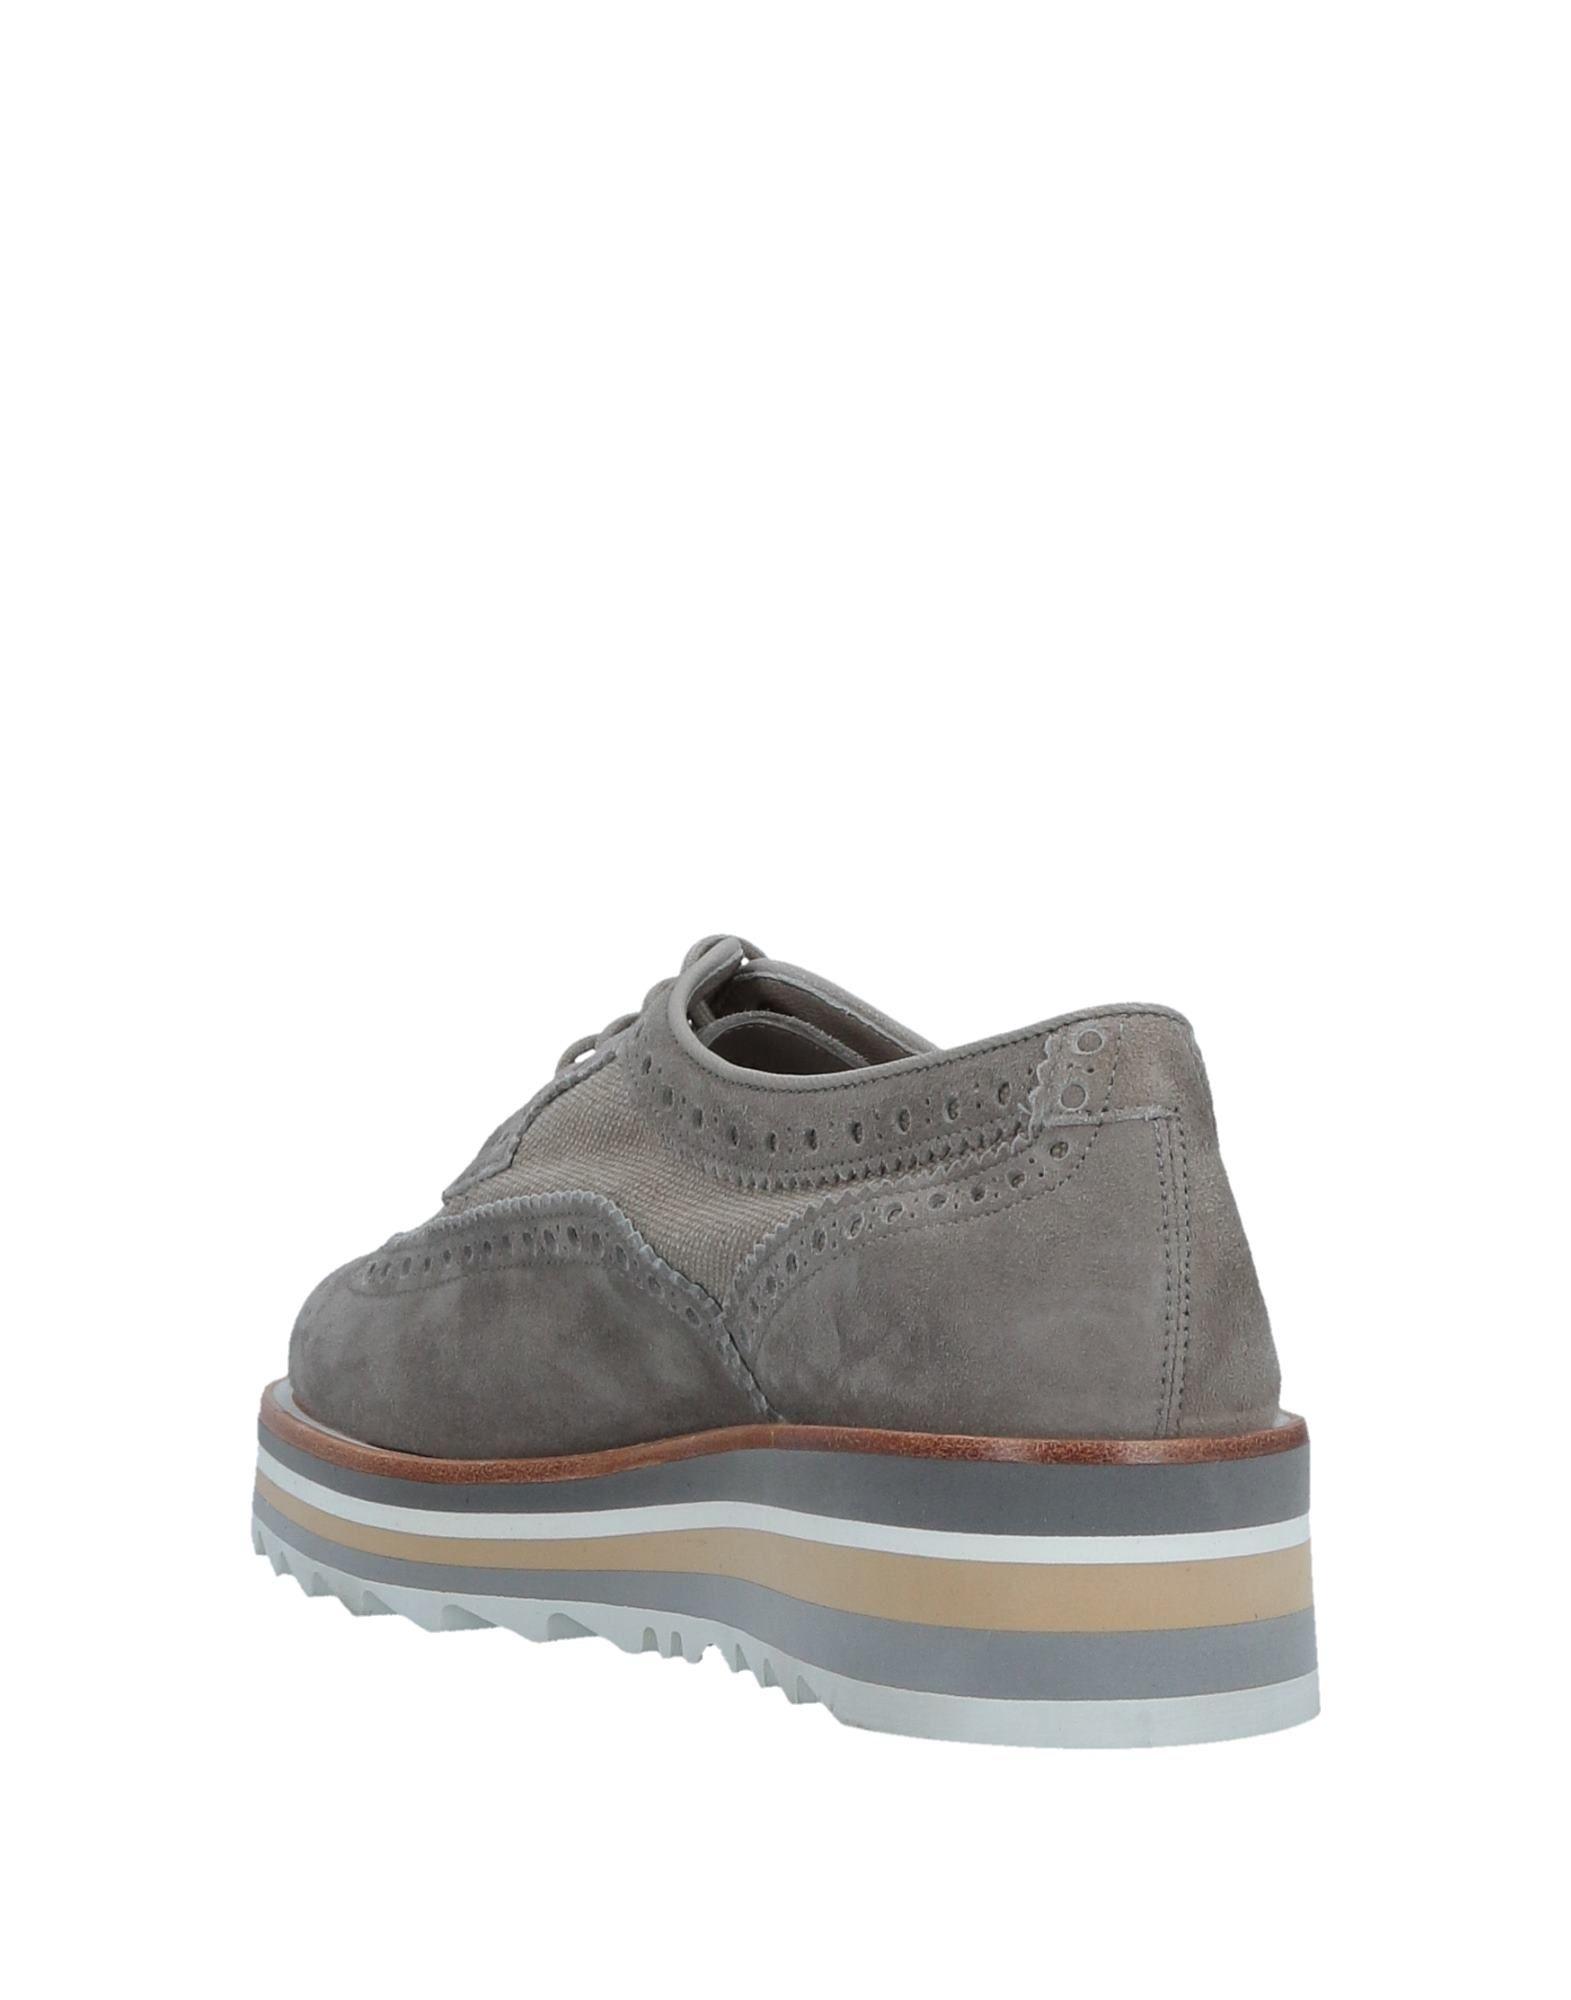 Santoni Schnürschuhe Damen Schuhe  11523413XNGünstige gut aussehende Schuhe Damen 56123c